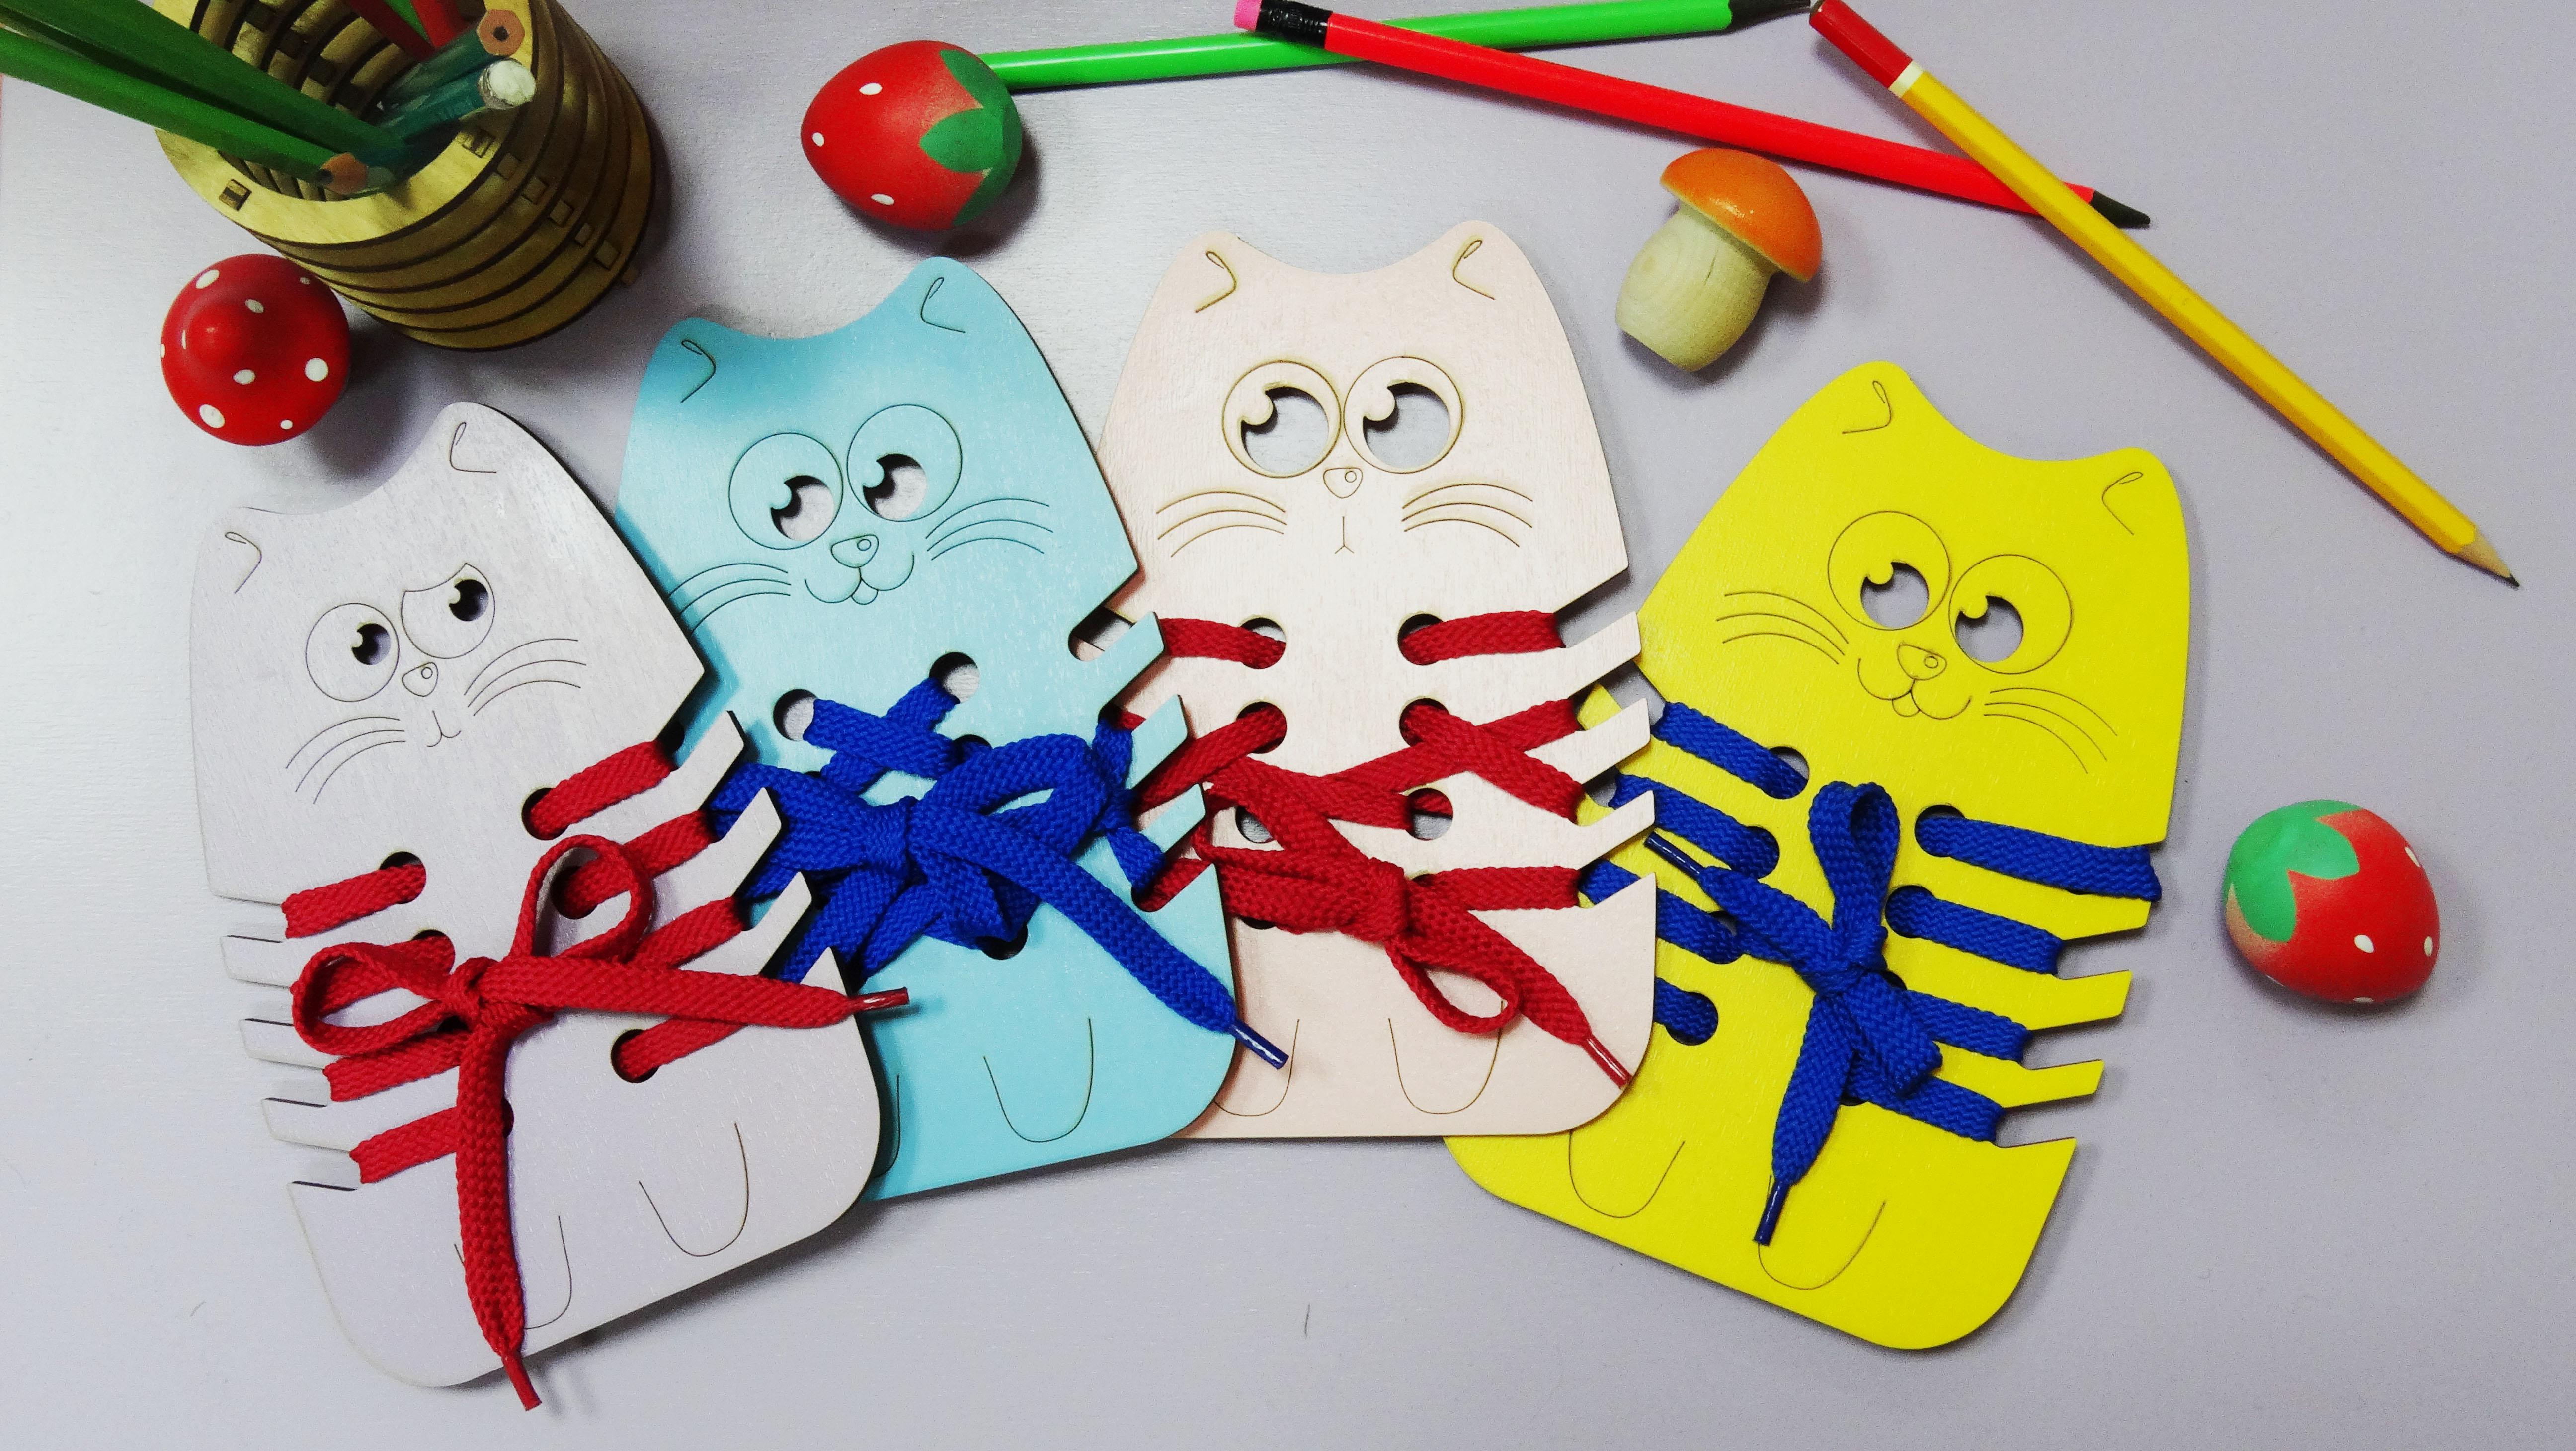 Развивающая игрушкаИгра-шнуровка Эмоциональные КОТИКИ Комплект бирюзовый, голубой, желтый, розовый, сиреневыйИО-188Мы все любим КОТИКОВ! Много позитива и радости приносят детям эти милые животные.Наши КОТИКИ - шнуровки тоже умеют дарить эмоции. Они веселые и грустные, довольные и серьезные, и даже кокетливые. Каждый КОТИК несет свою эмоцию, которая усиливается цветом игрушки.Эмоциональные Котики – шнуровка прекрасно подойдут для тренировки мелкой моторики рук и освоения детьми навыков шнурования.Изучайте вместе с ребенком ЭМОЦИИ, осваивайте шнурование и помогут вам в этом ЭМОЦИОНАЛЬНЫЕ КОТИКИ-ШНУРОВКИ.Собери всю коллекцию ЭМОЦИОНАЛЬНЫХ-КОТИКОВ – шнуровок!Продукция соответствует требованиям ТР ТС 008/2011 «О безопасности игрушек»Продукция изготовлена в соответствии с ГОСТ 25779-90 «Игрушки. Общие требования безопасности и методы контроляОтвечают всем требованиям ФГОС дошкольного образованияУспешно применяется для развития детей с ОВЗСрок годности: не ограничен. Гарантийный срок: 12 месяцев со дня продажи.